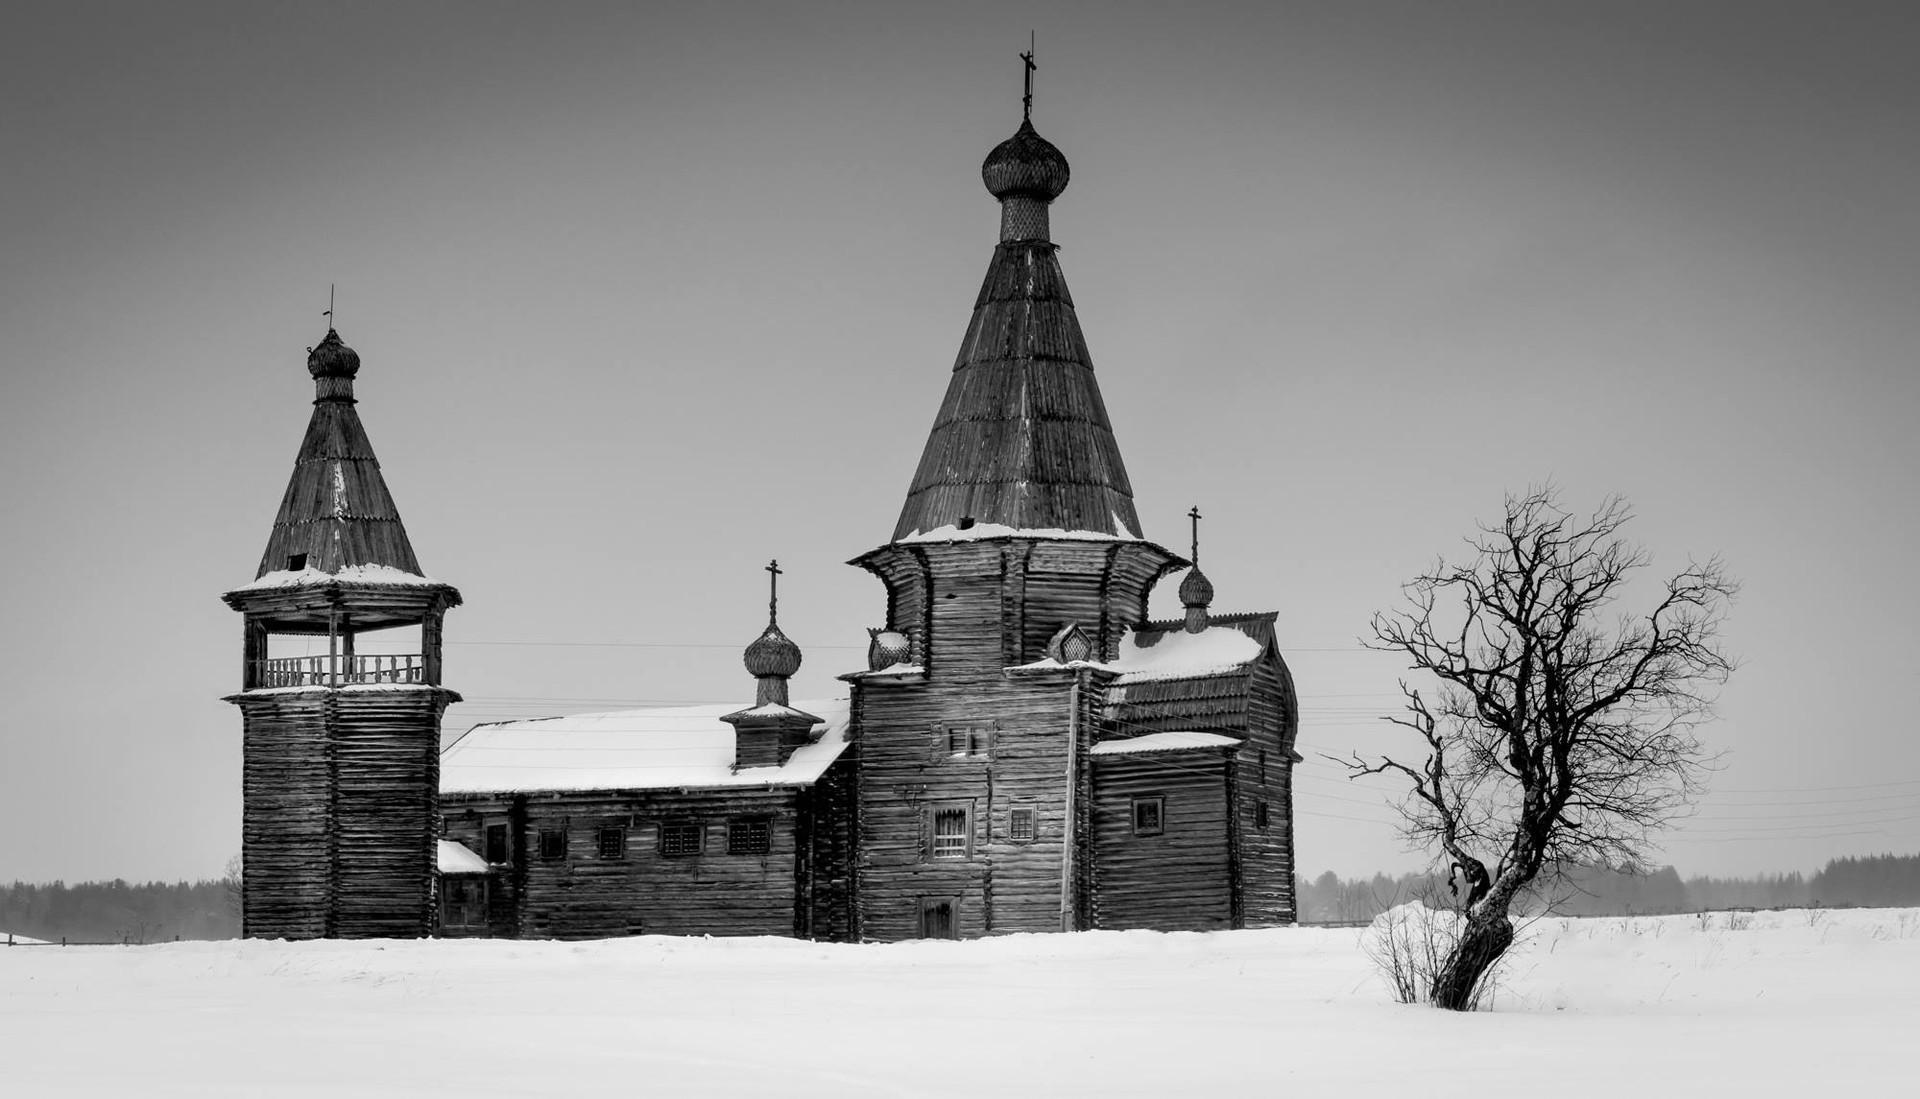 Церковь Иоанна ЗлатоустаXVII века в Архангельской области